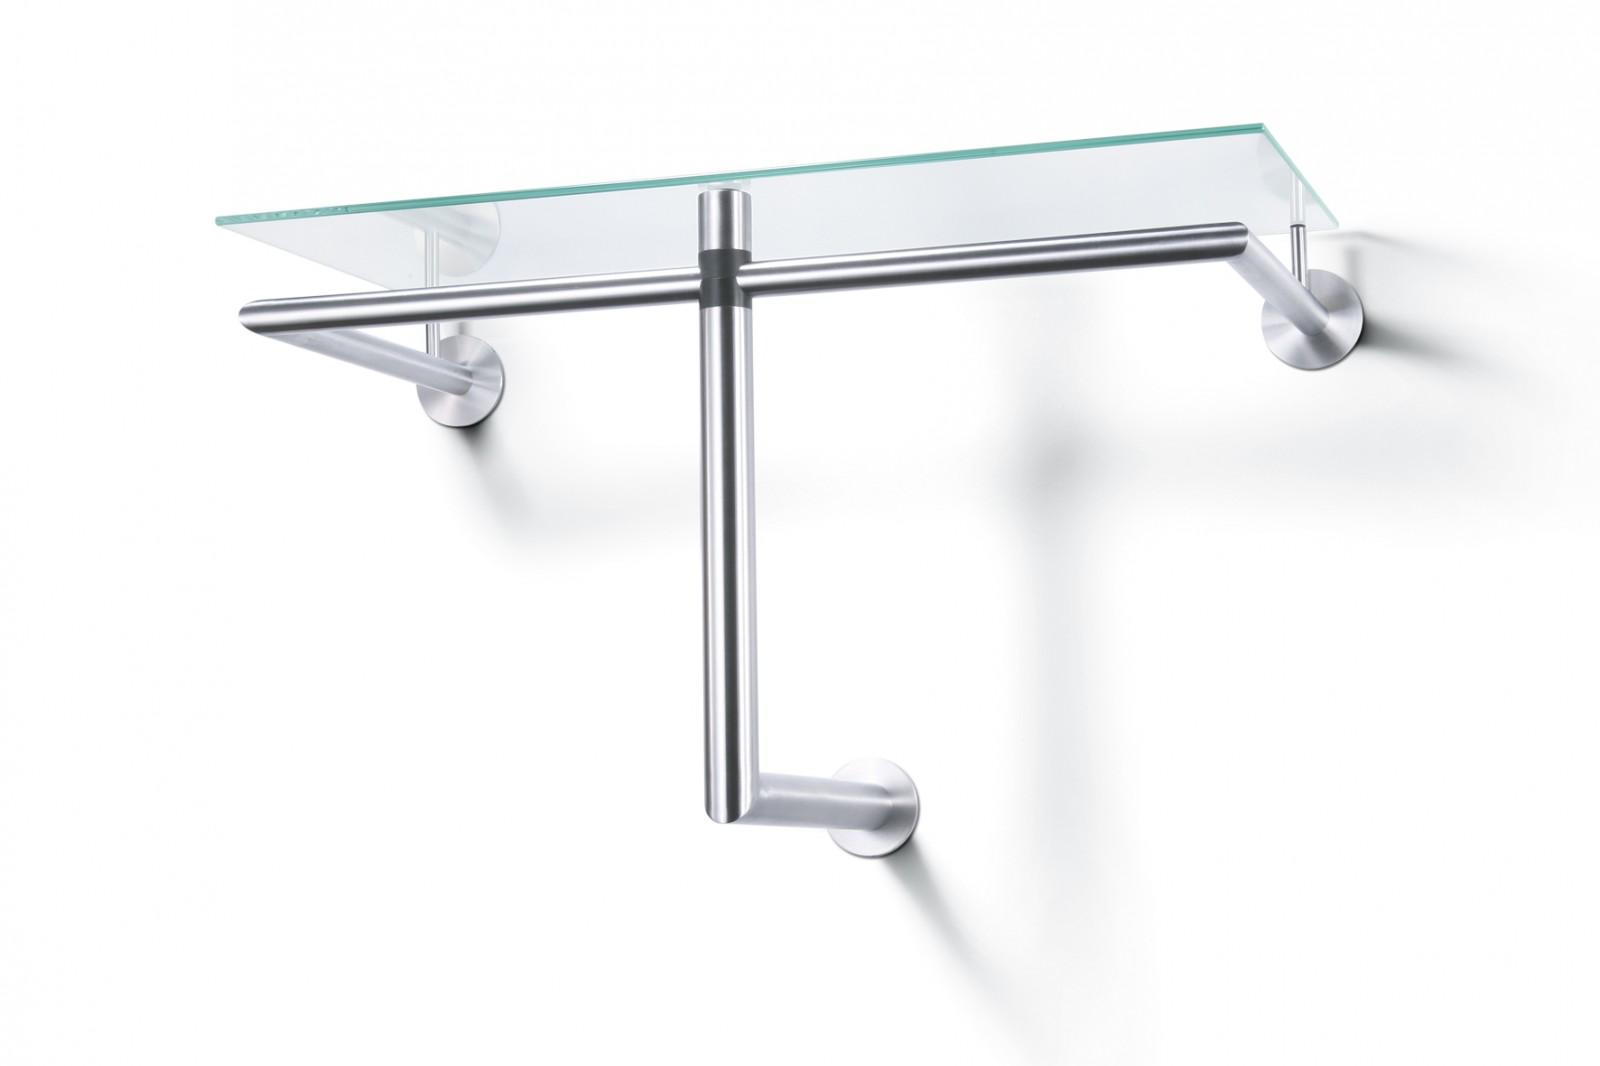 edelstahl glas garderobe wandgarderobe hutablage zack 50679 hersteller zack wohnen. Black Bedroom Furniture Sets. Home Design Ideas